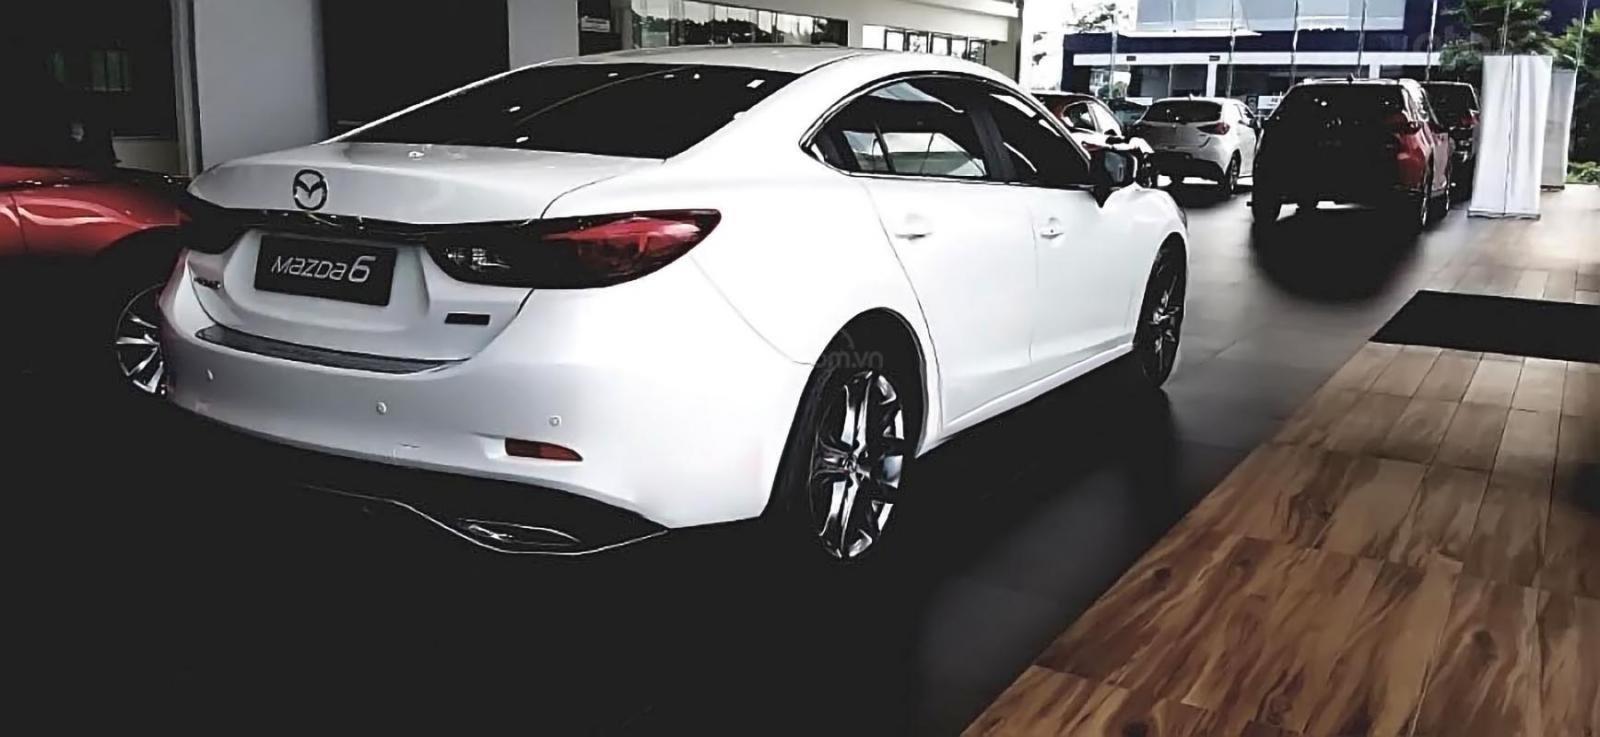 Bán Mazda 6 2.0L Premium năm 2019, màu trắng giá cạnh tranh-1